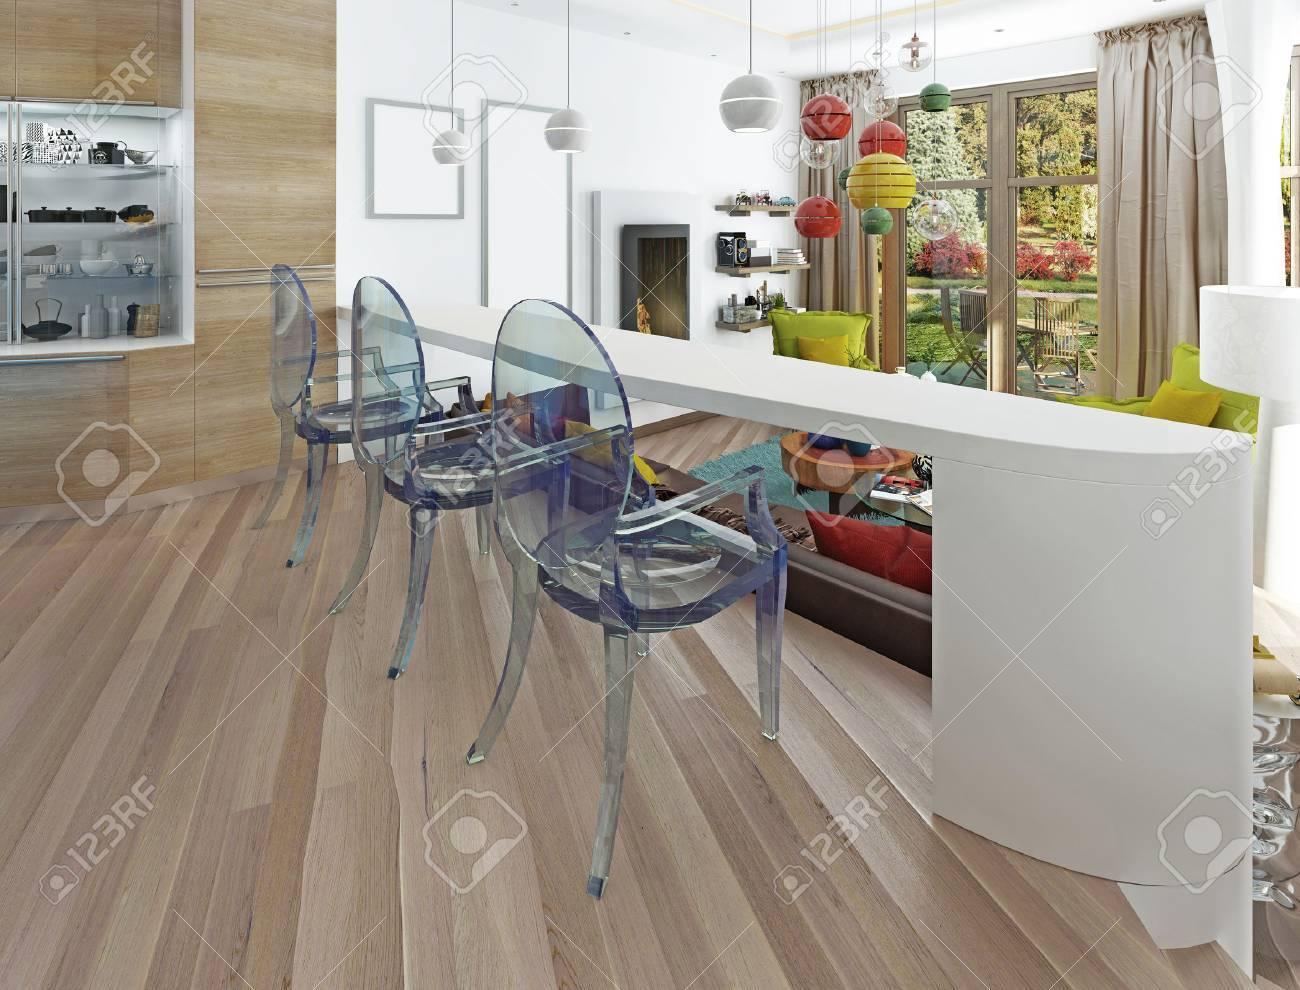 Moderne Weiße Bar Mit Drei Transparenten Stühlen. Die Theke In Der ...